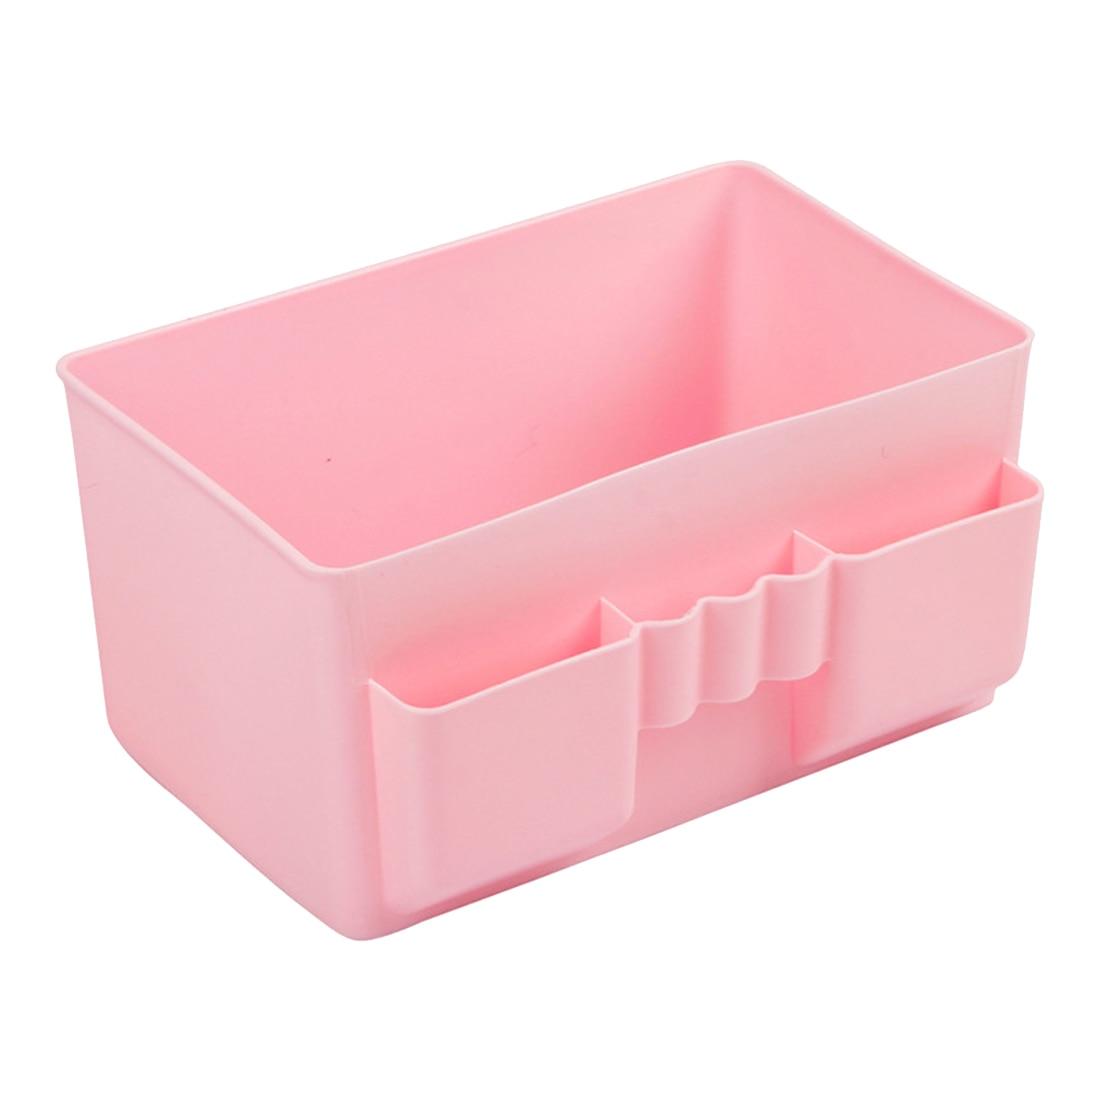 Best Hot Sale Cute Plastic Office Desktop Storage Boxes